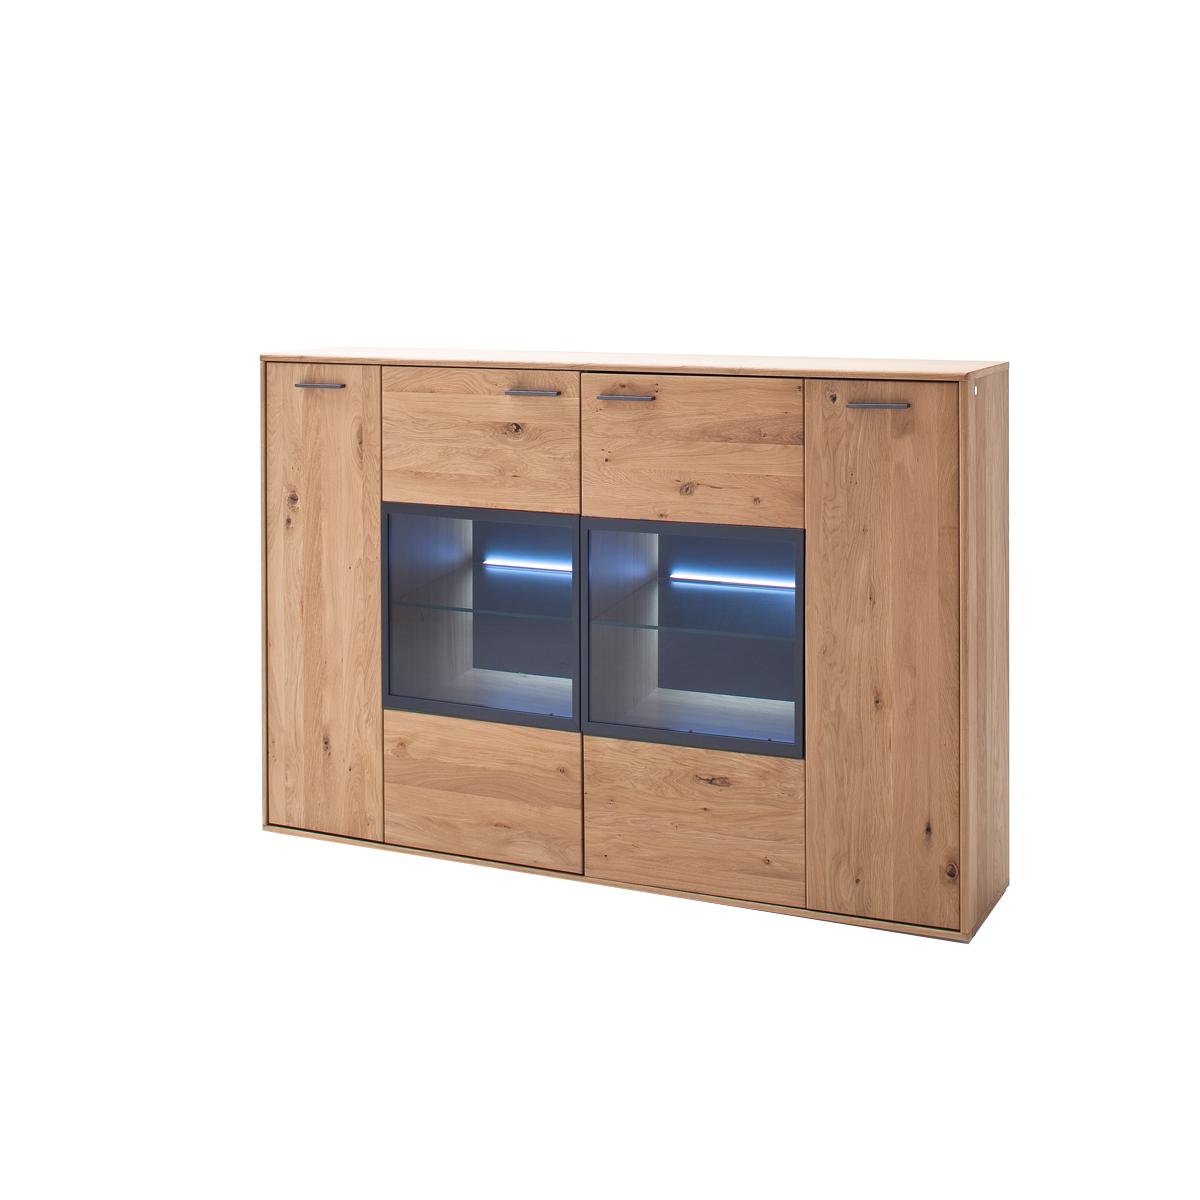 Mca Furniture Portland Highboard Por17t05 Fur Ihr Wohnzimmer Oder Esszimmer Anrichte Mit Zwei Turen Und Zwei